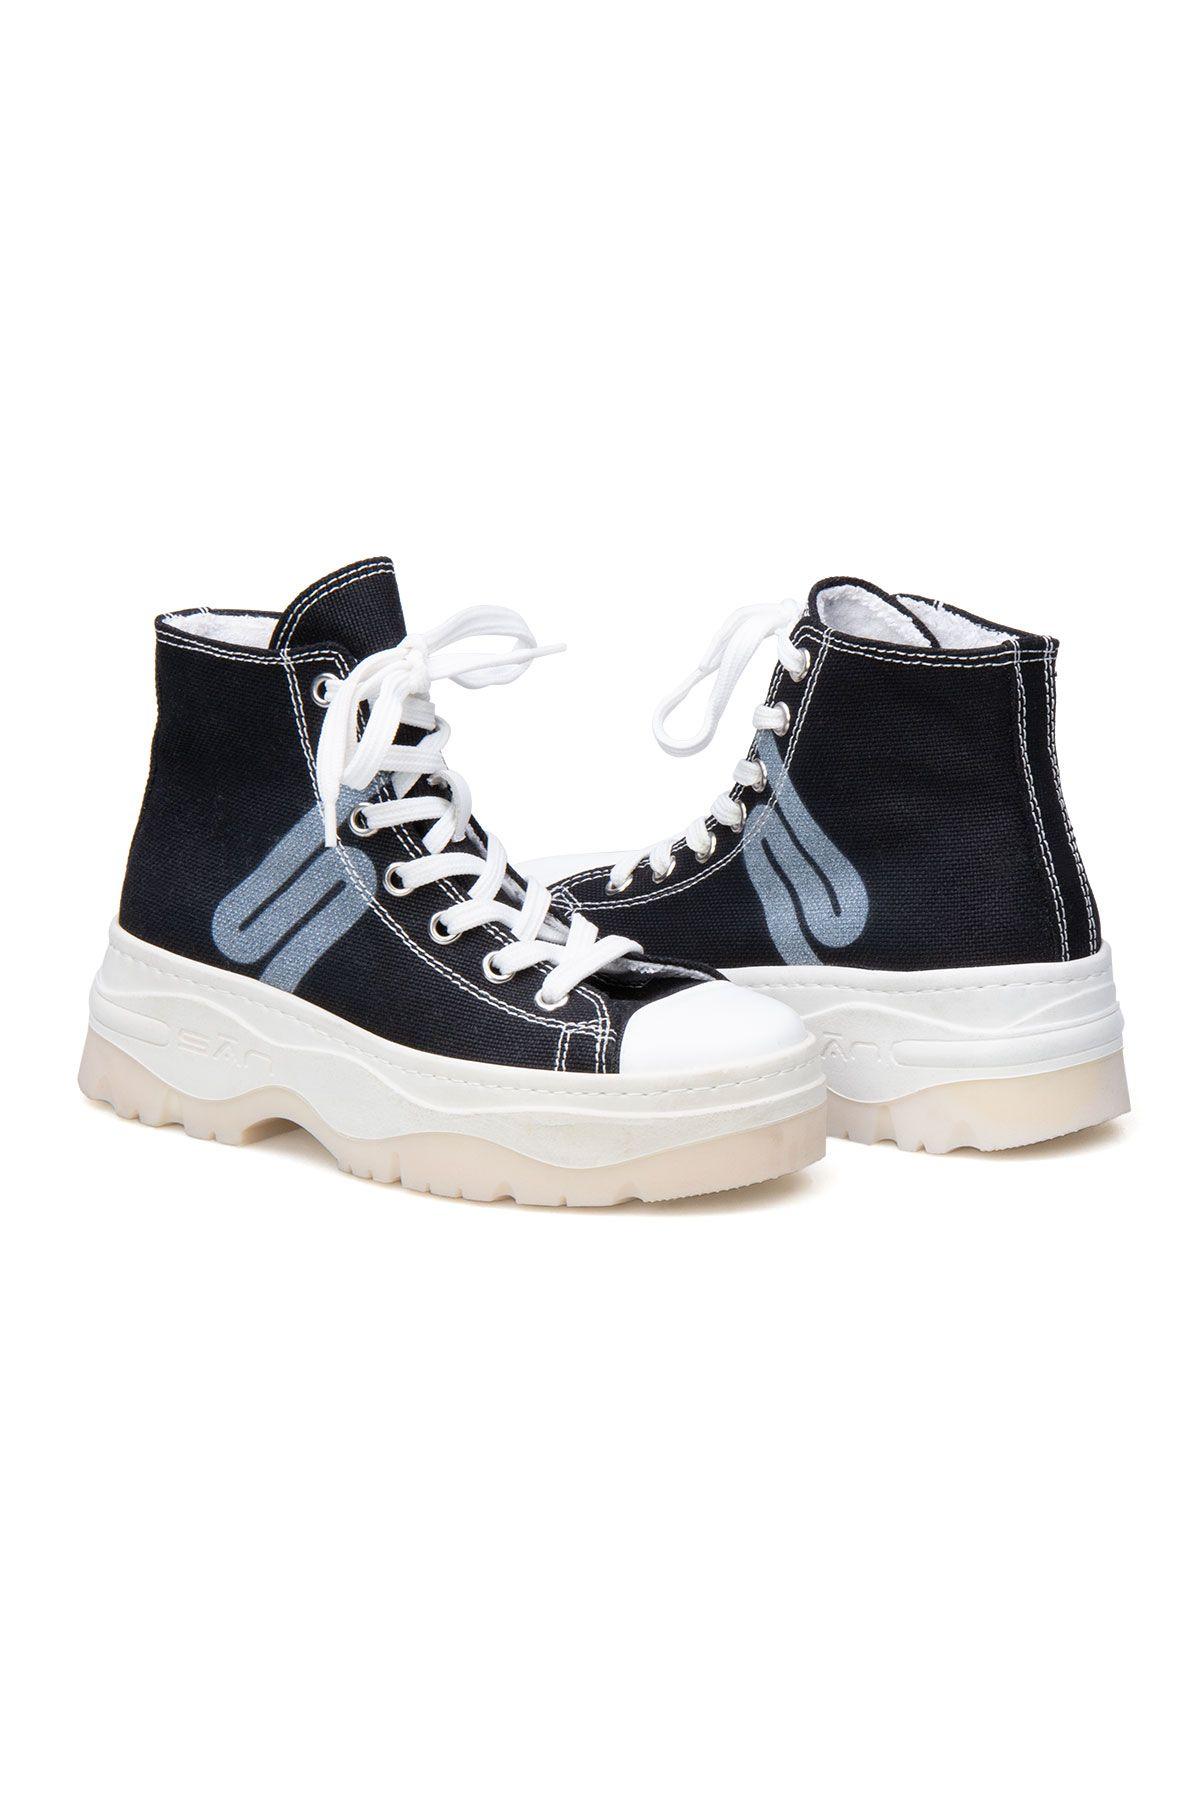 San Women's Sneaker SAN03S Black